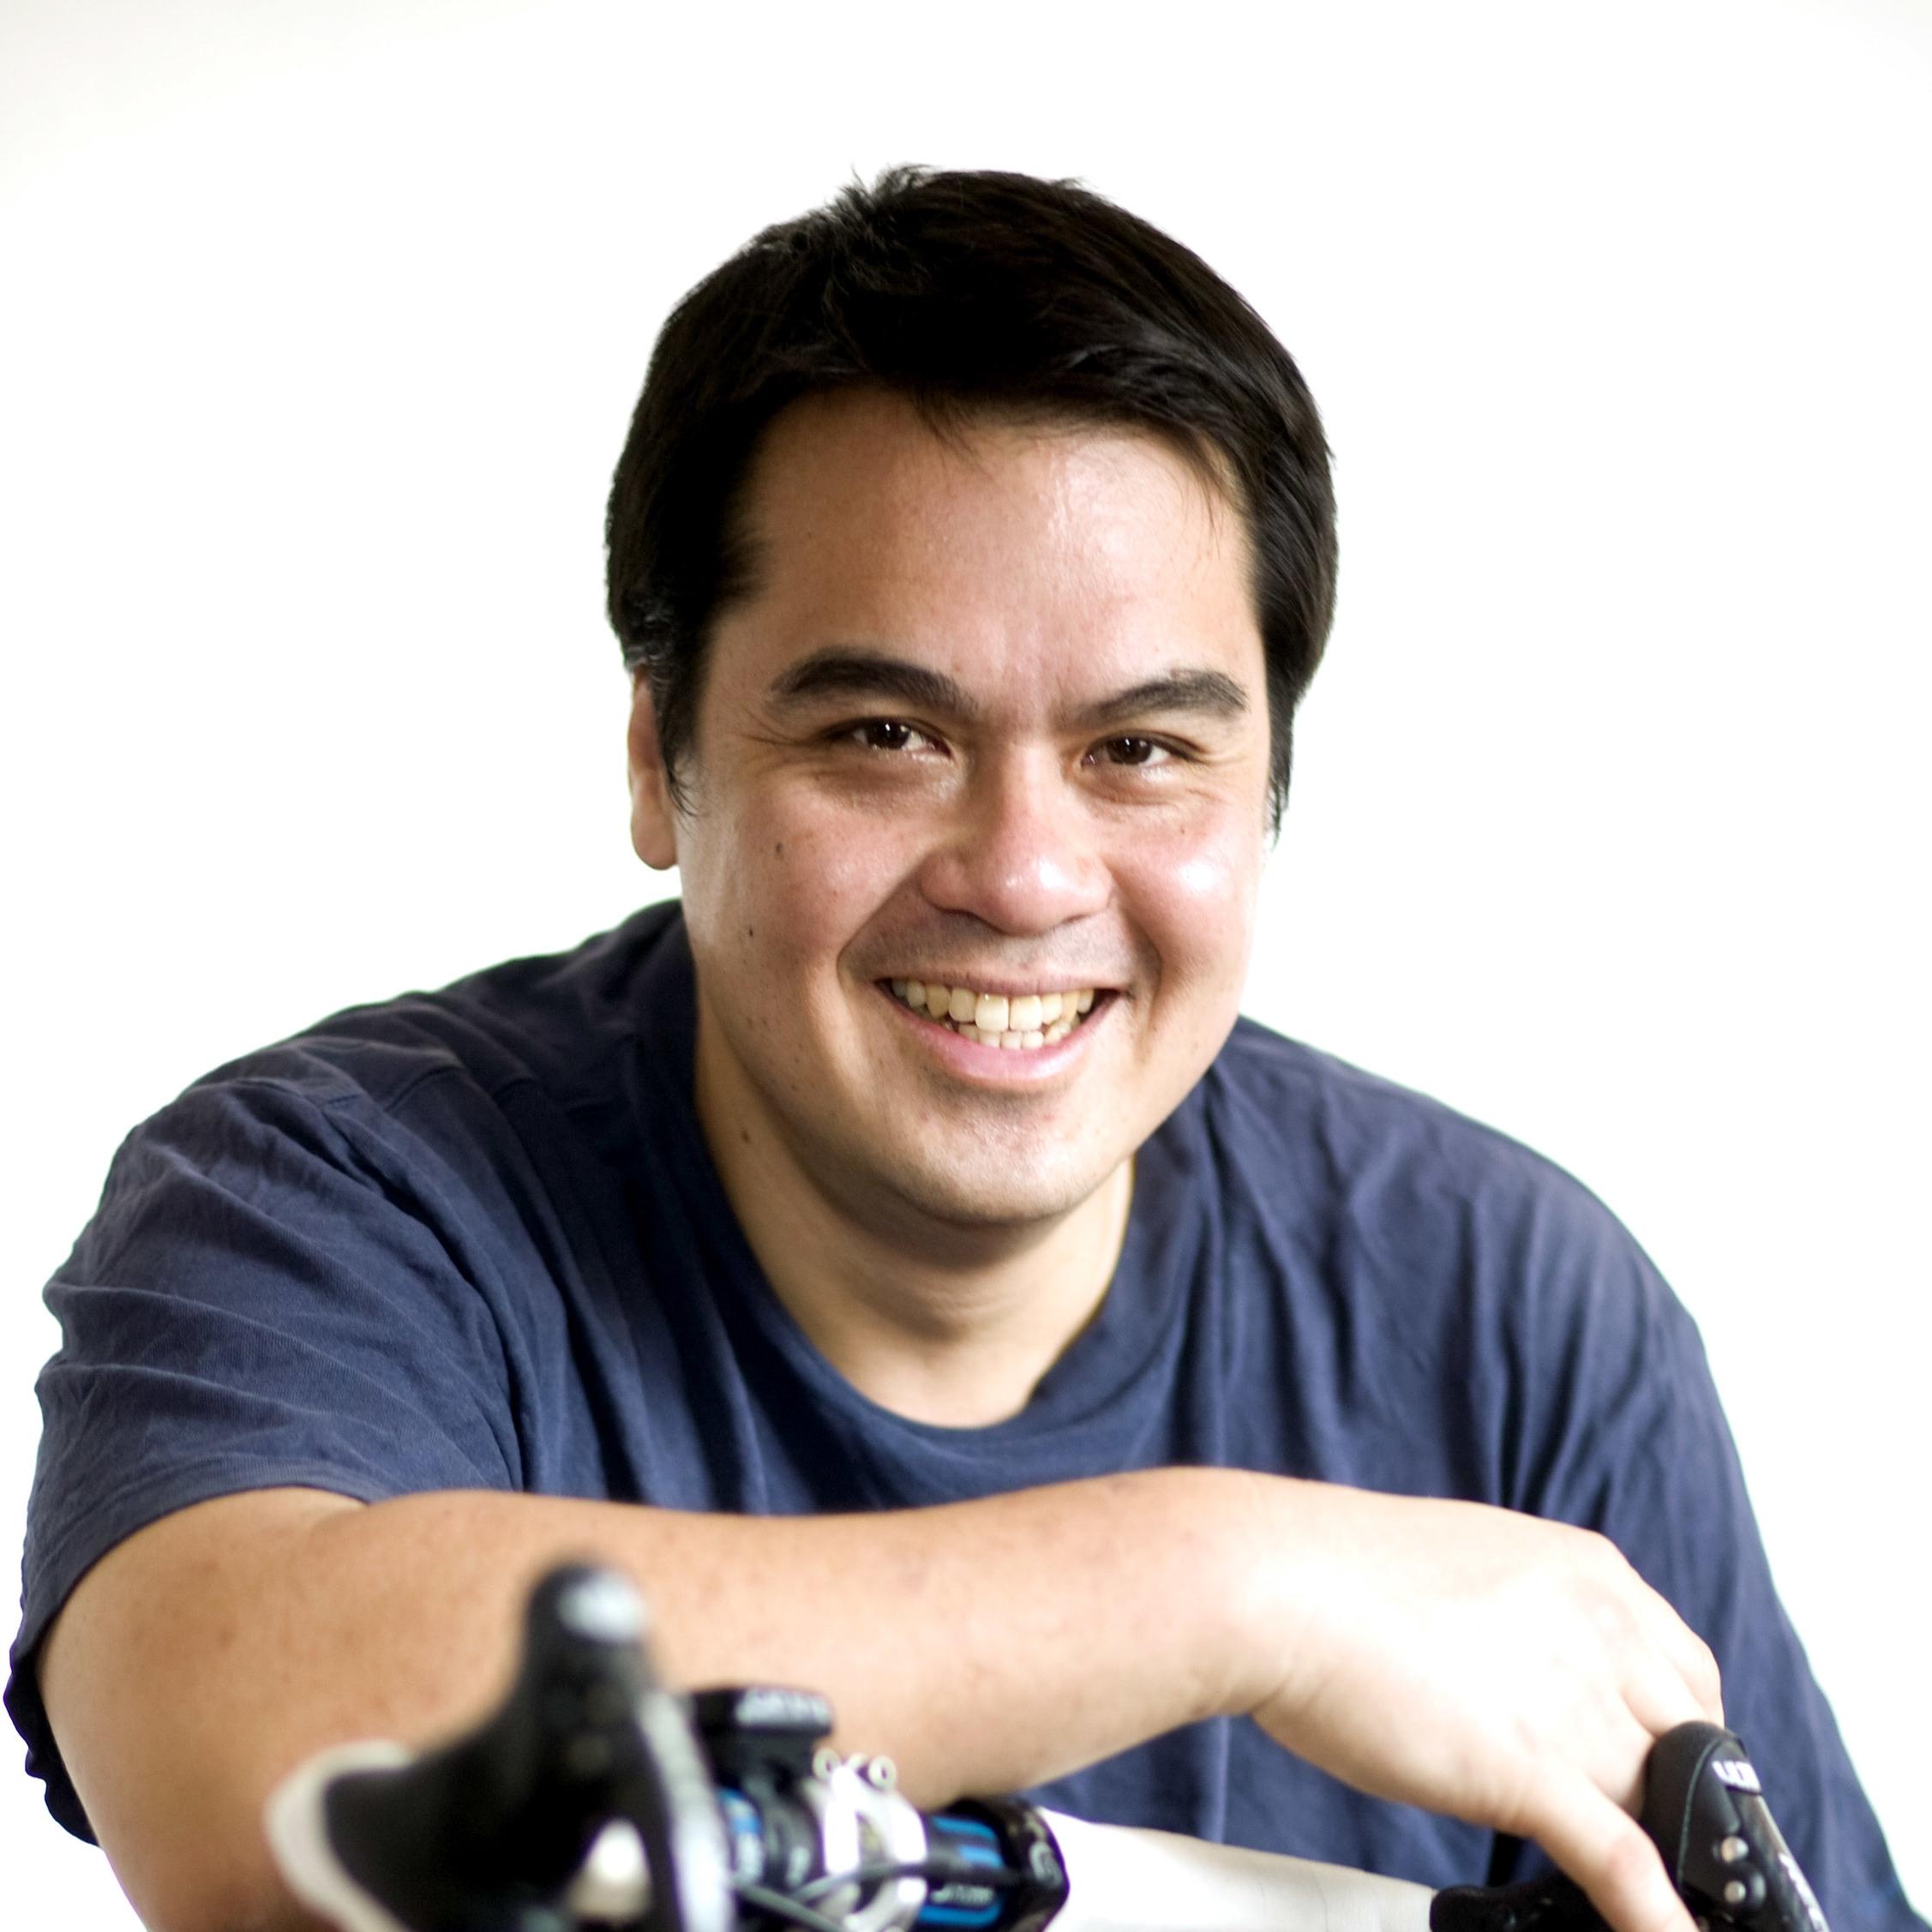 Nicholas Leong, founder